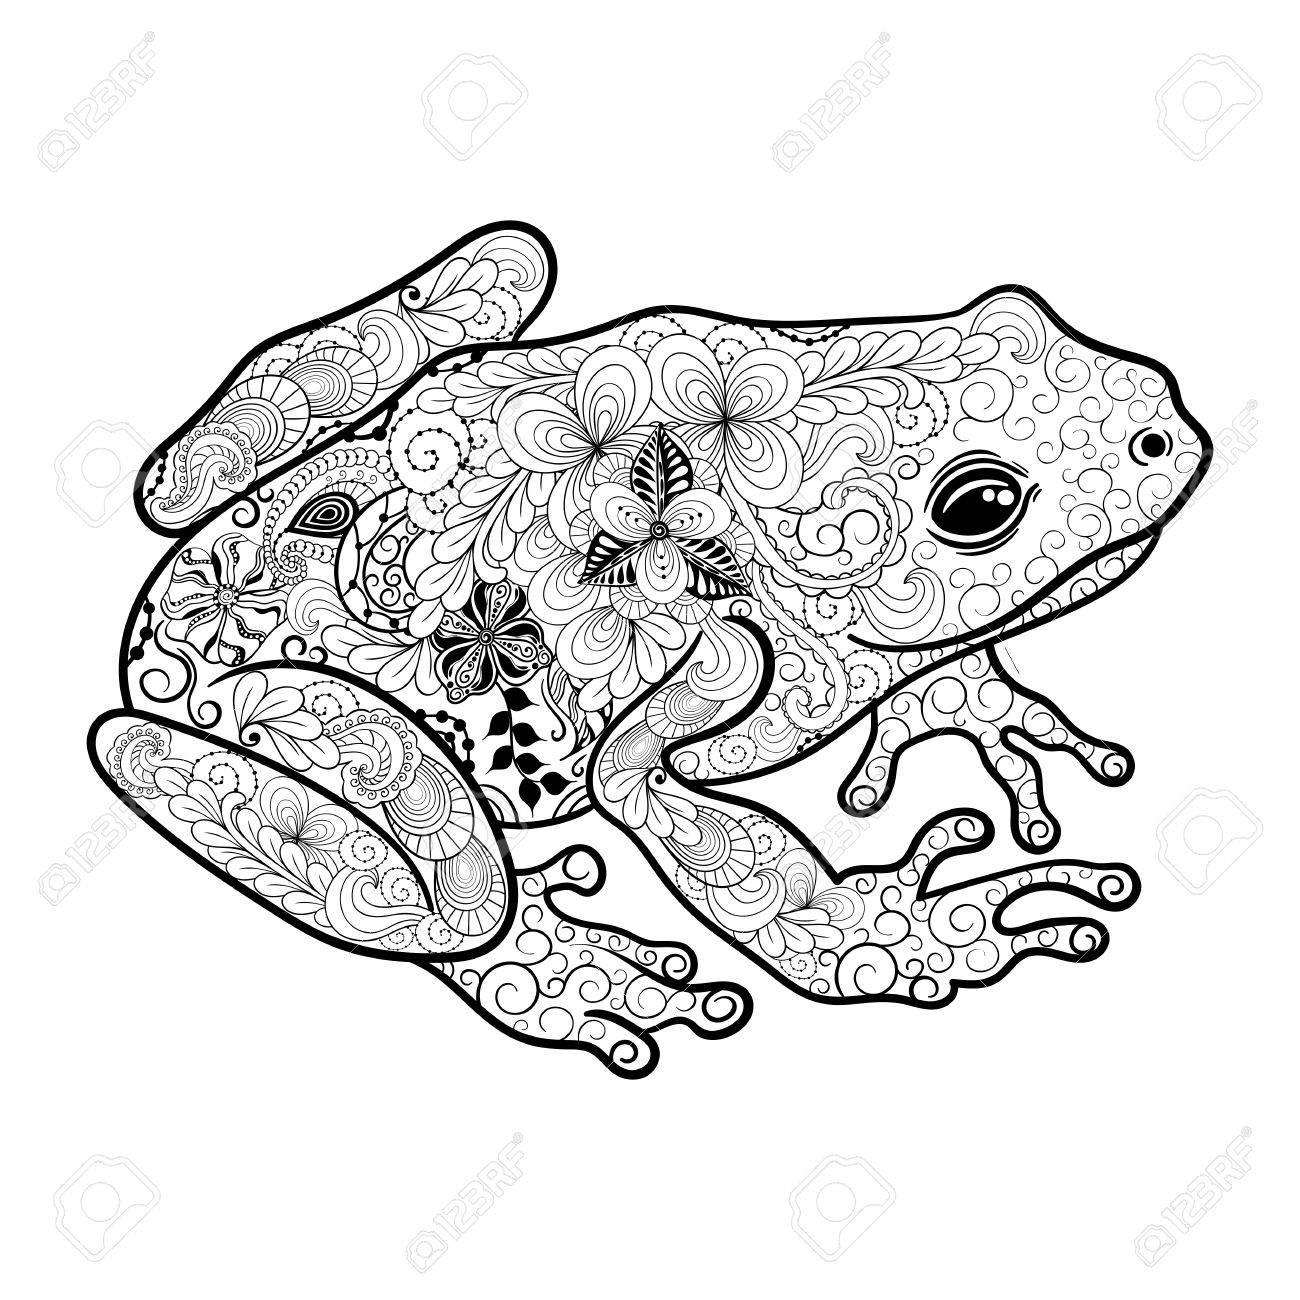 Tolle Frosch Bild Zu Färben Fotos - Malvorlagen-Ideen ...